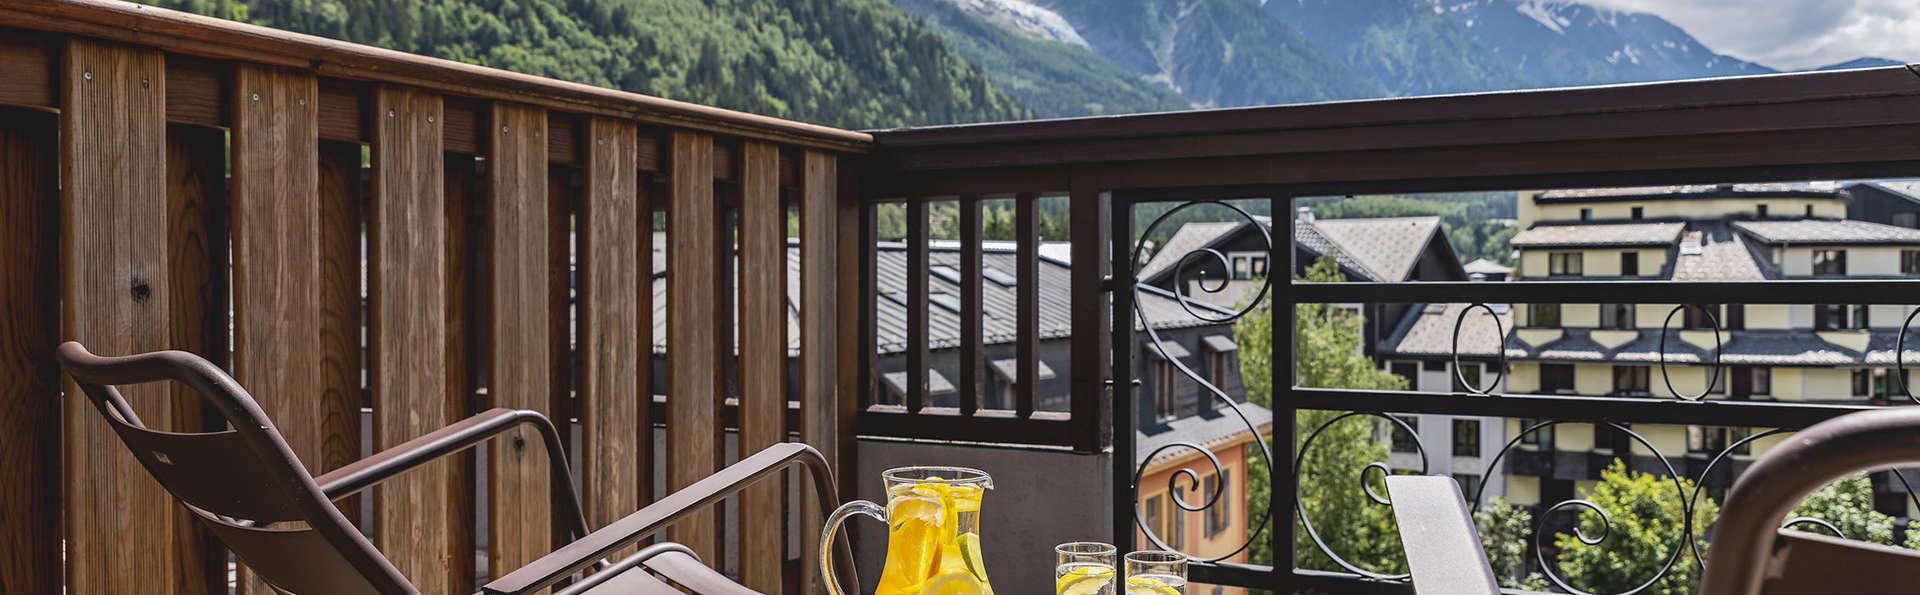 Profitez d'une chambre élégante à Chamonix avec petit déjeuner inclus